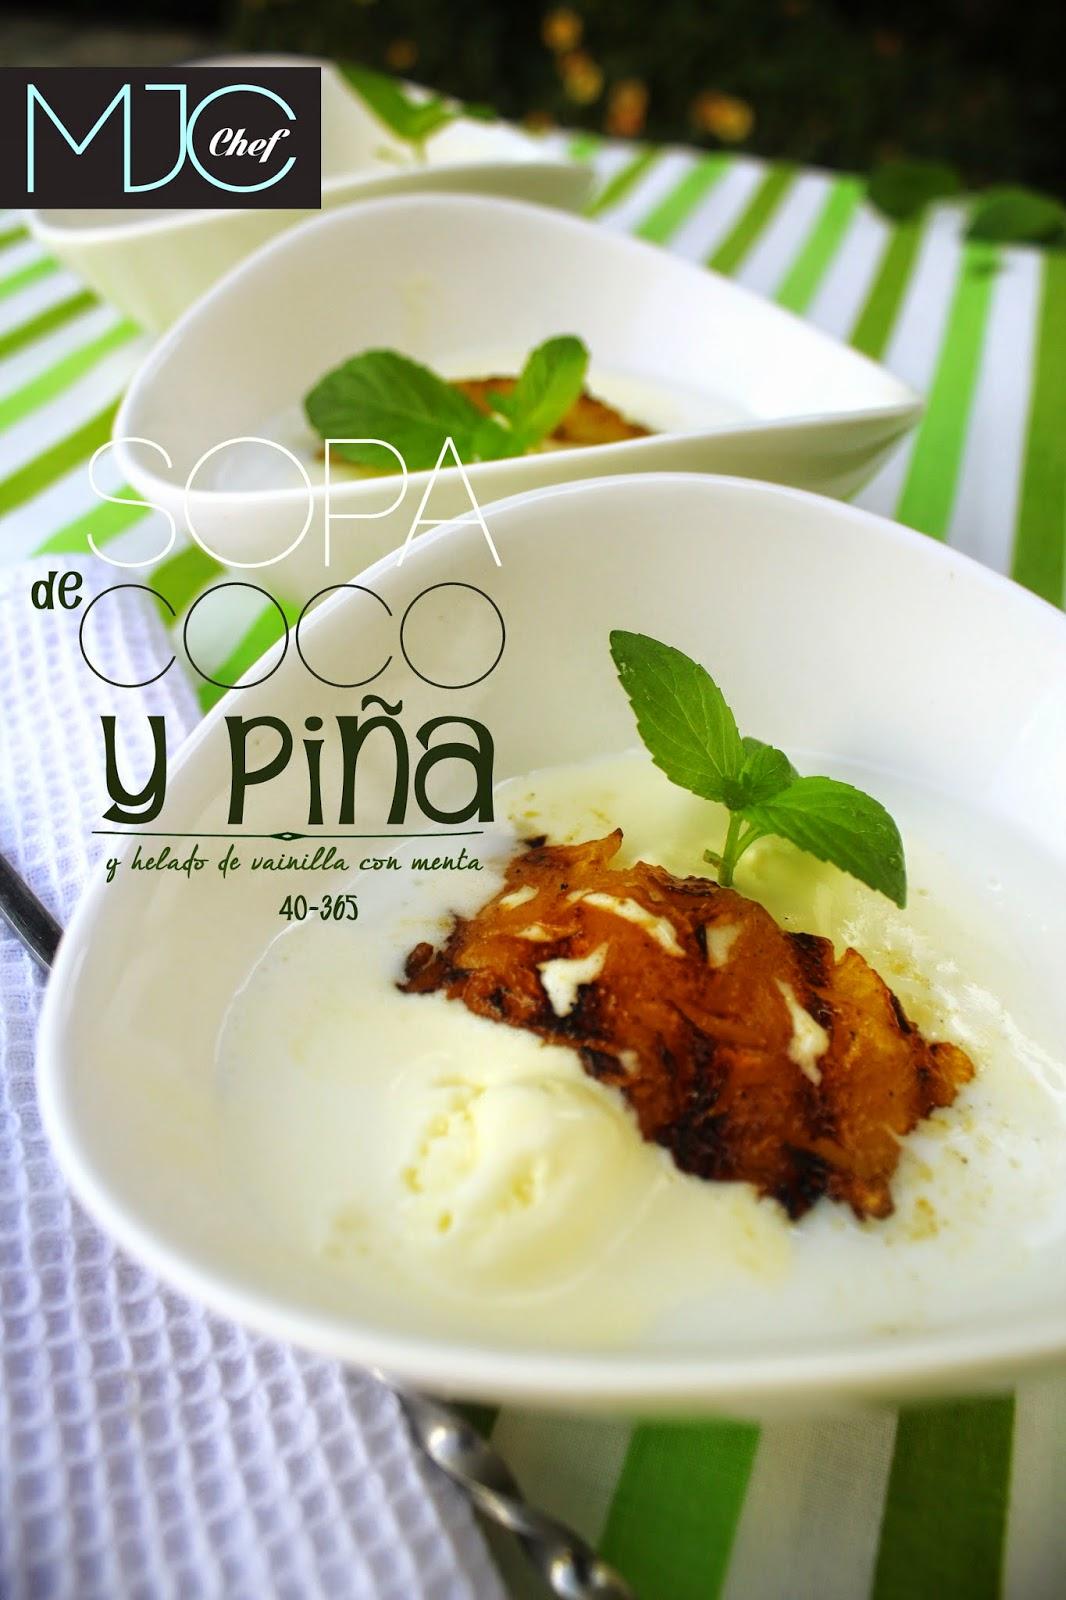 Sopa de coco y piña